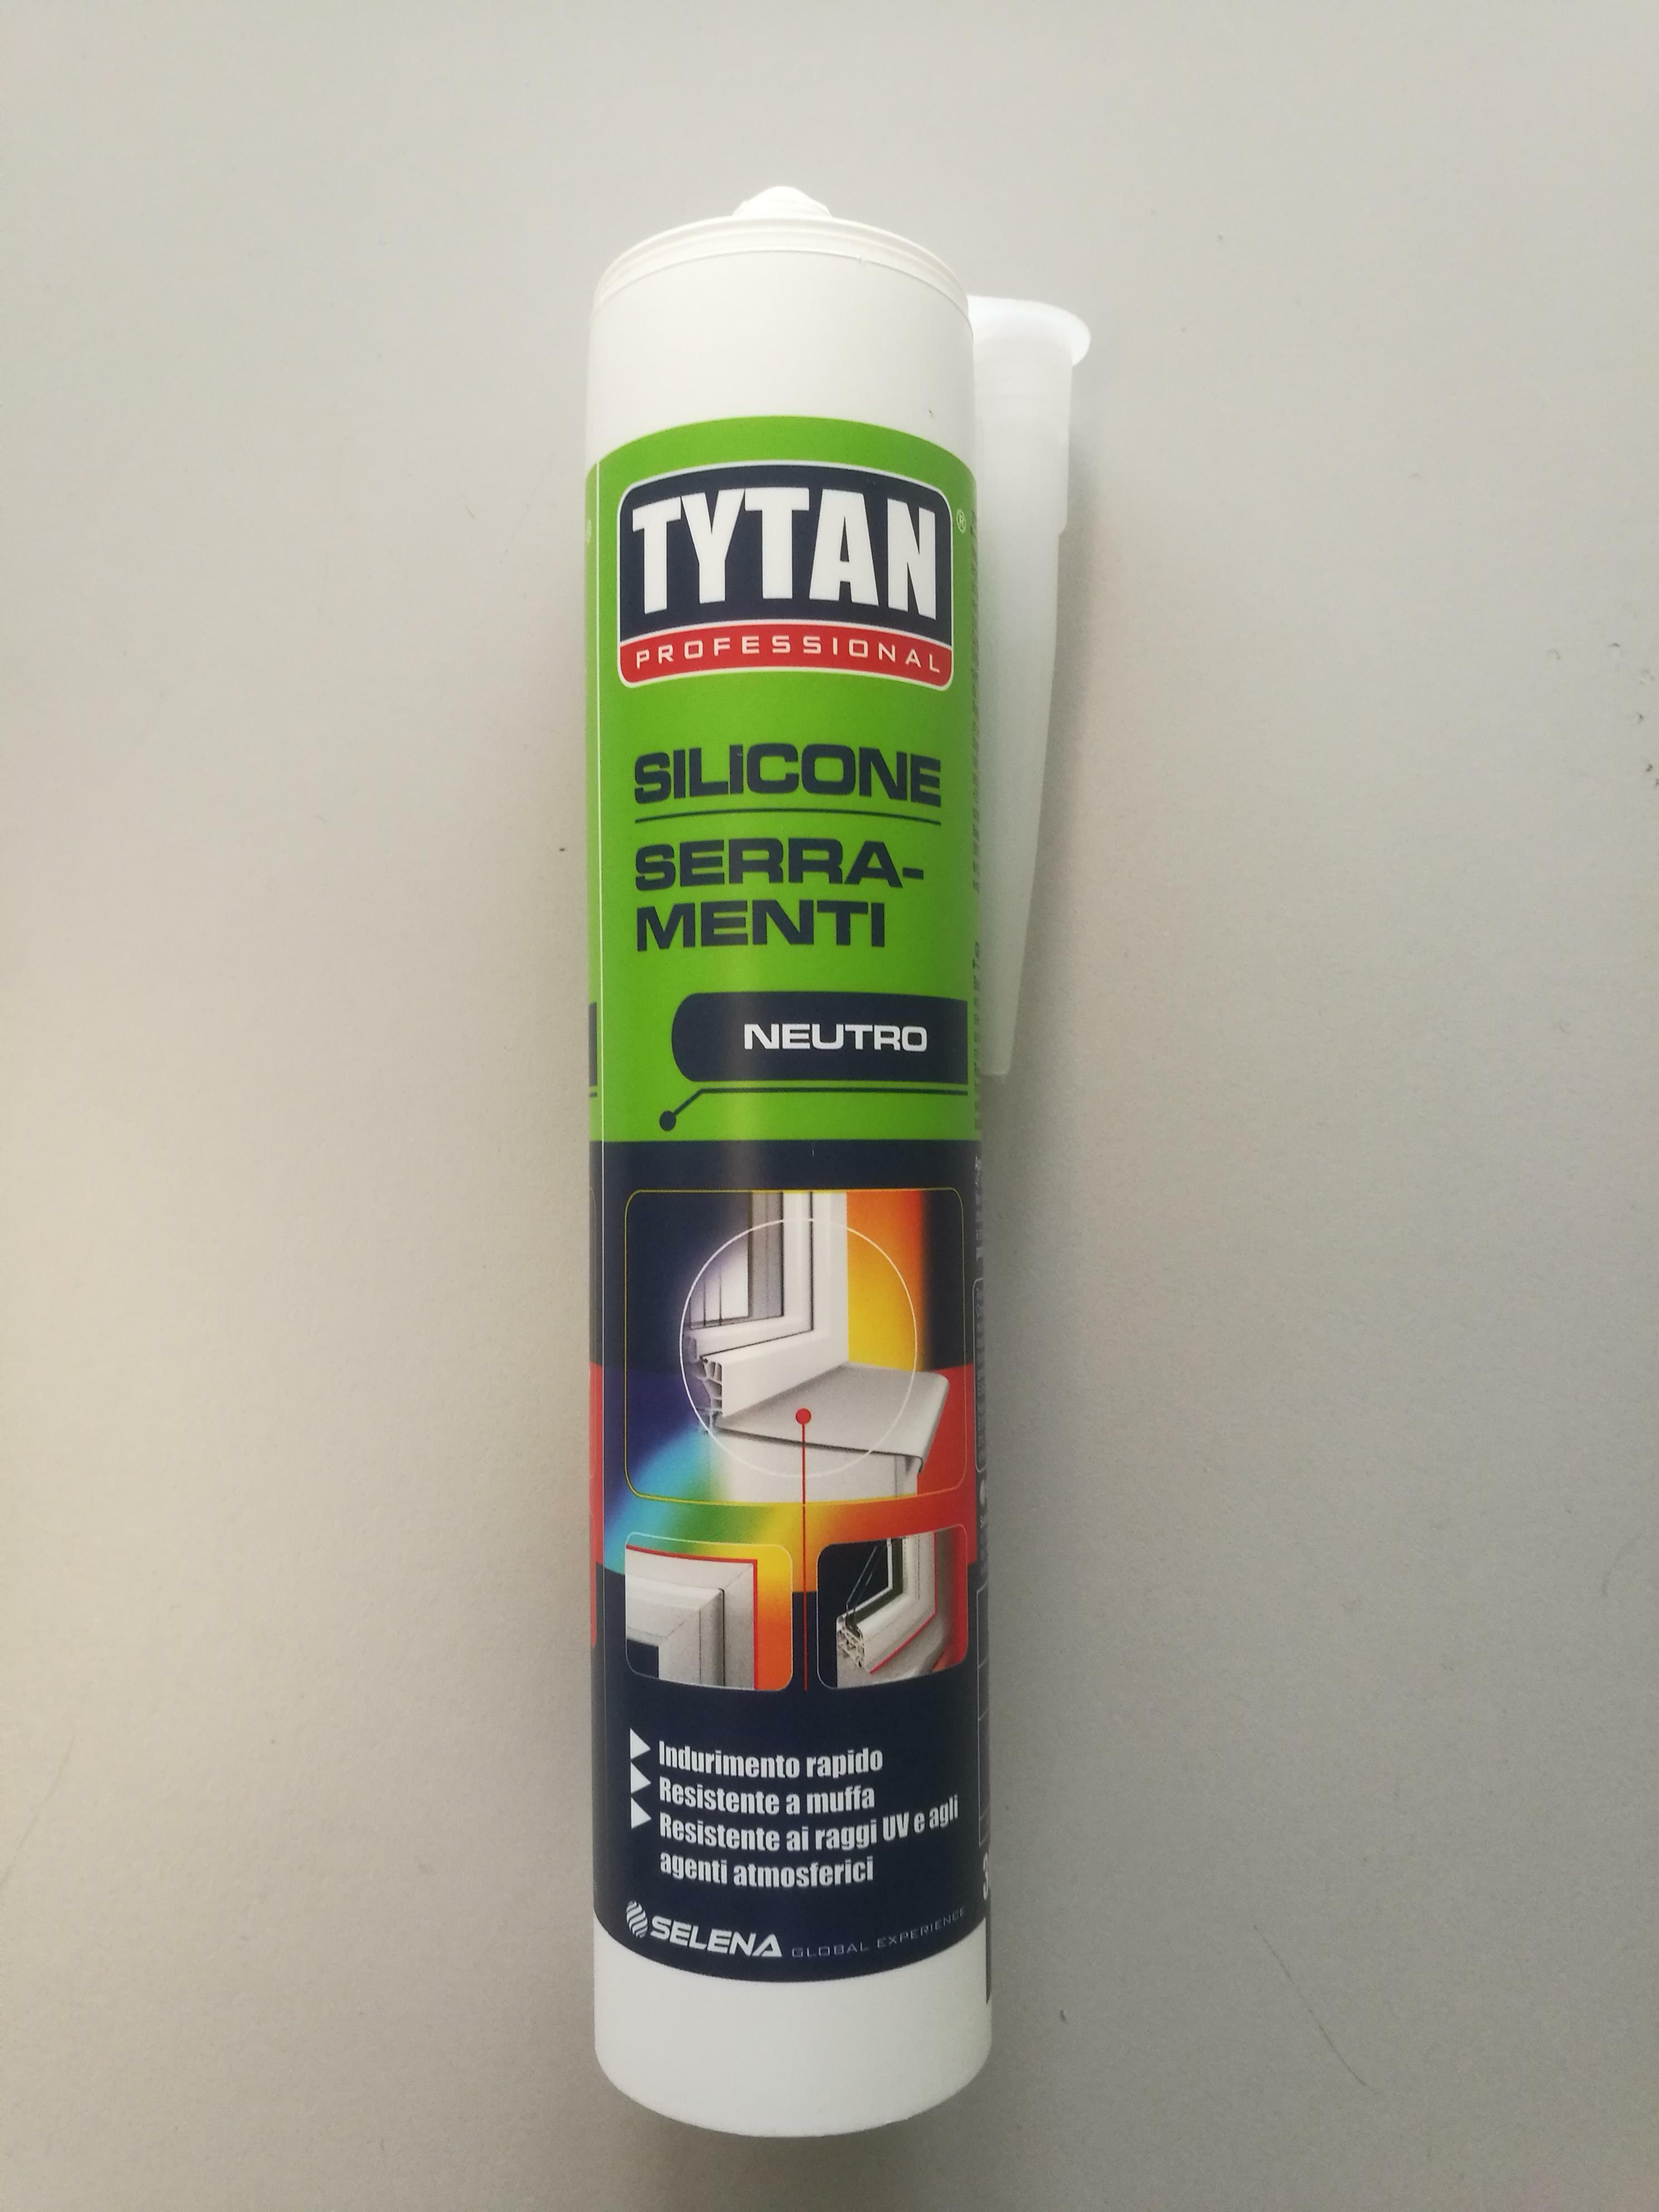 tytan professional tytan professional silicone neutro per serramenti colore nero 300 ml